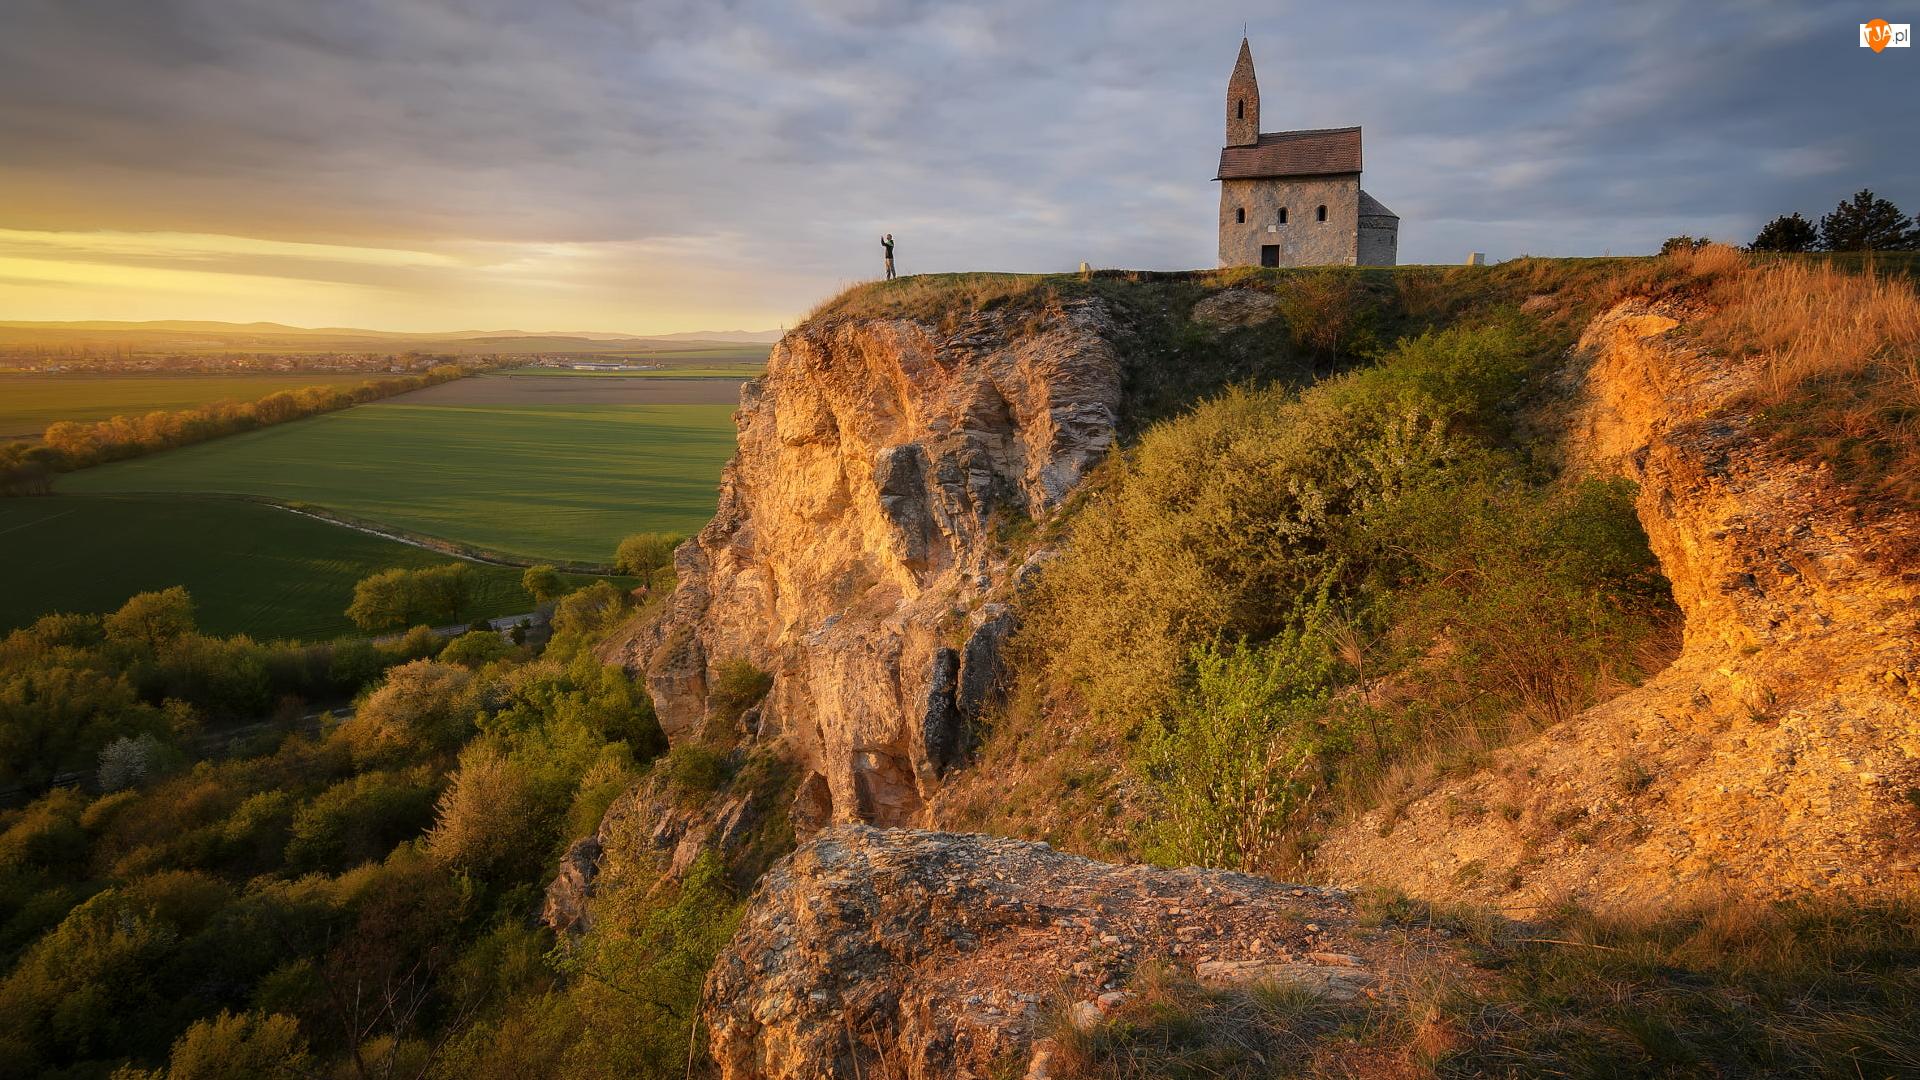 Pola, Skała, Kościół św Michała, Słowacja, Postać, Nitra Drazovce